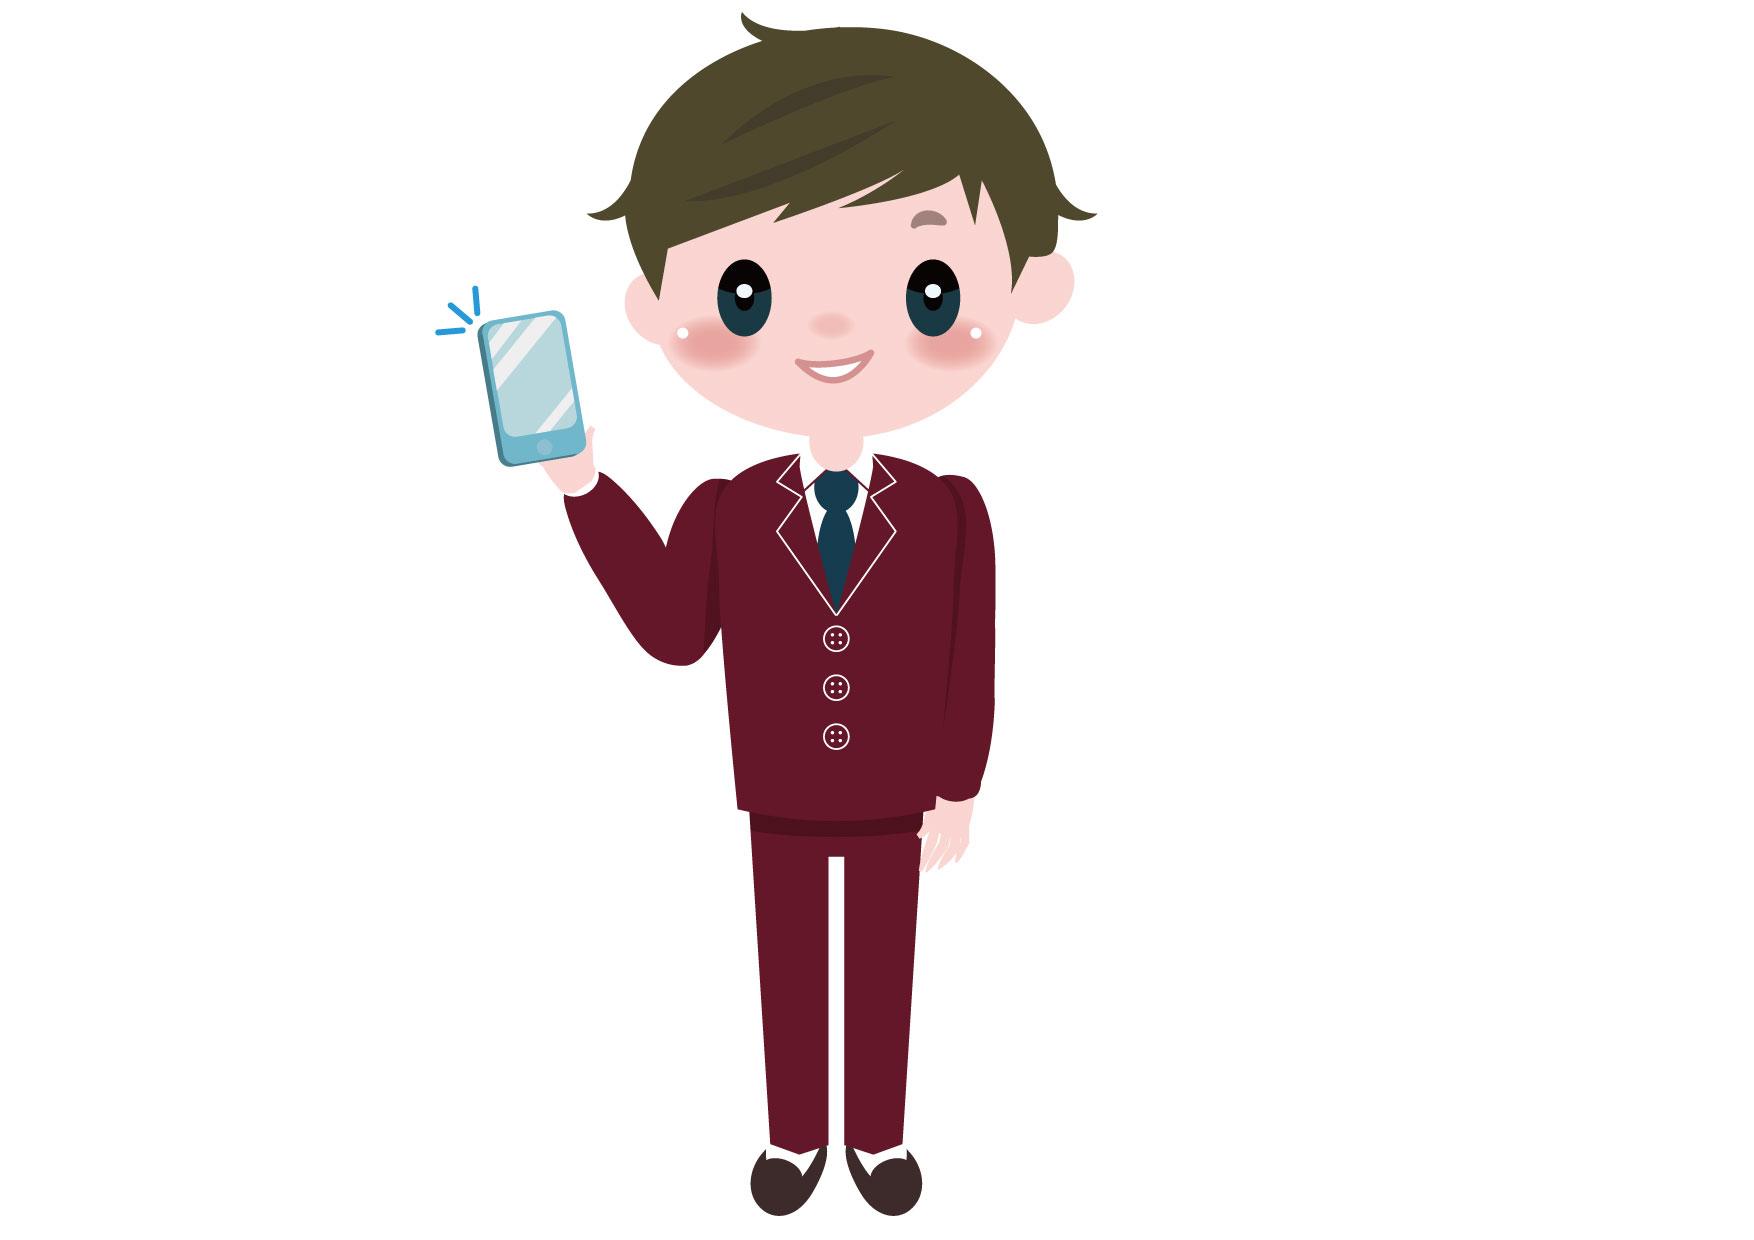 学生 男の子 全身 スマートフォン イラスト 無料